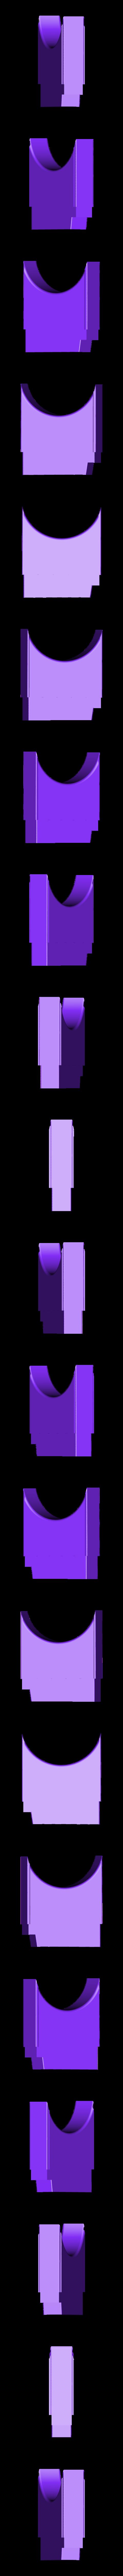 trigger.stl Download STL file Storm Trooper Blastech SE-14R Blaster Prop • 3D print model, McClaryDesign